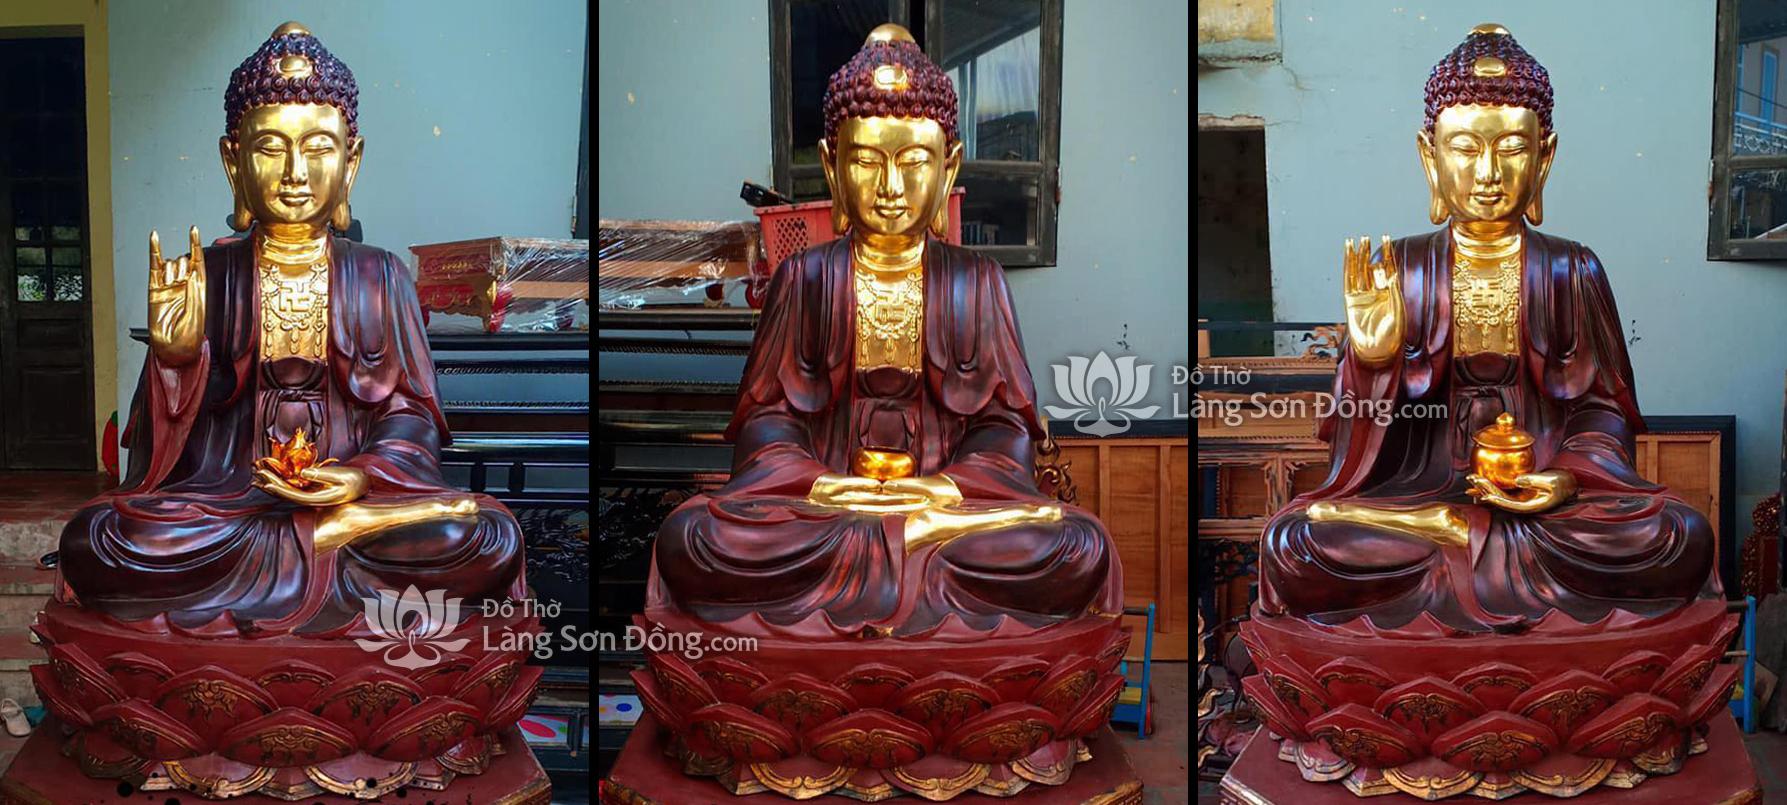 Tượng Tam thế Phật sơn giả cổ